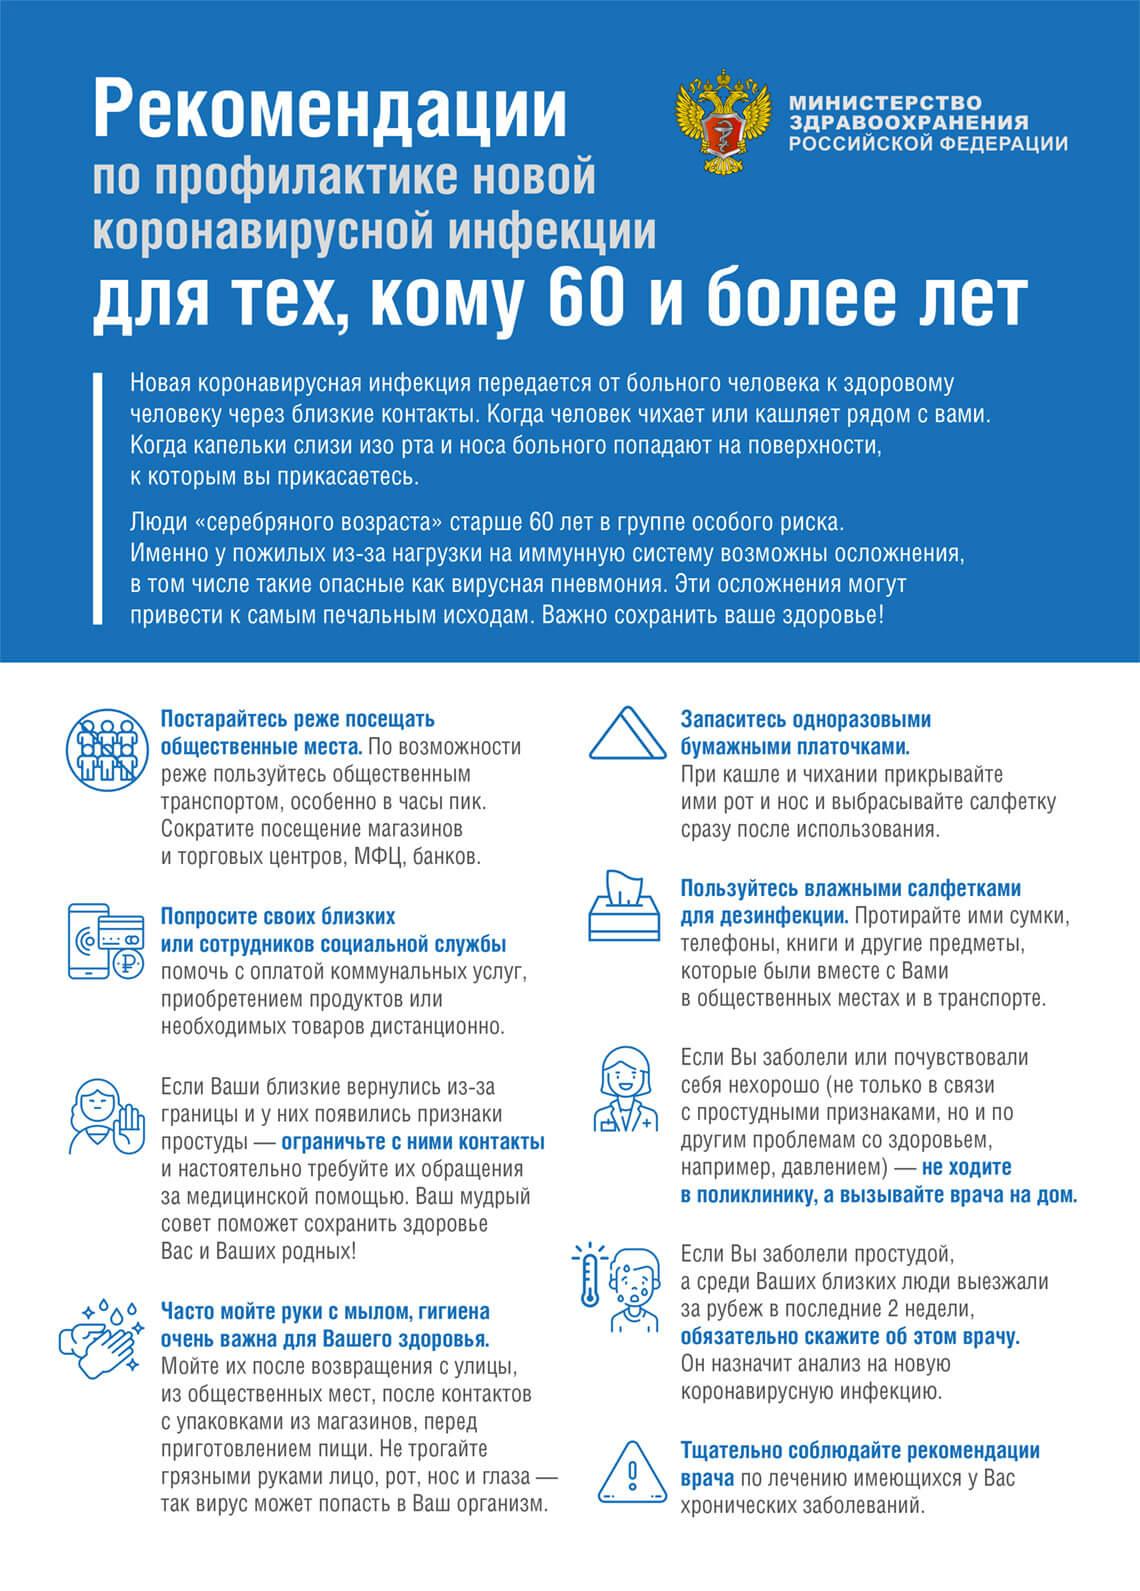 Минздрав РФ - профилактика коронавируса1